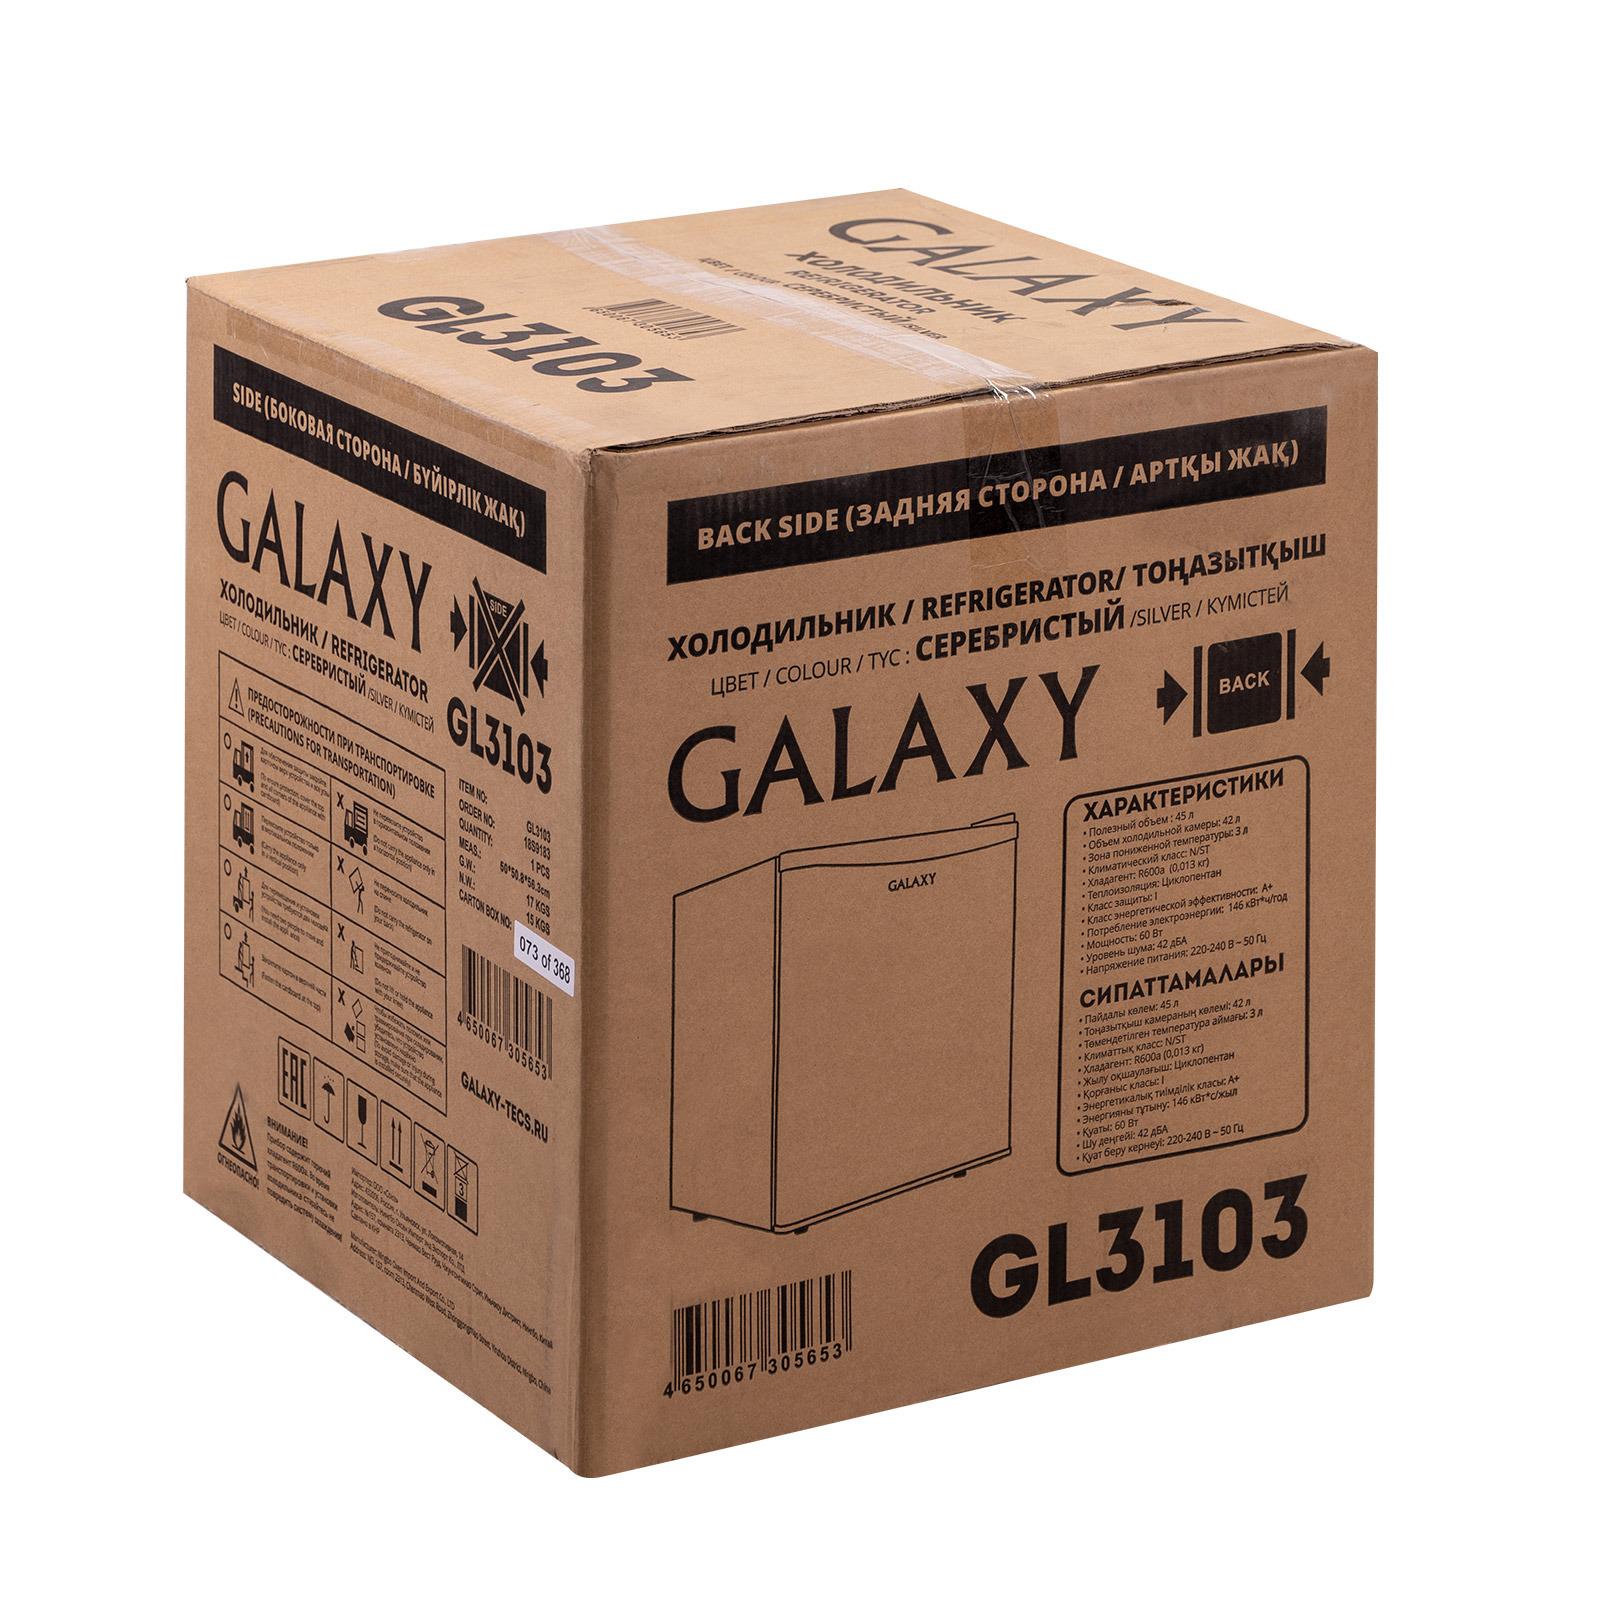 Холодильник Galaxy GL3103, серебристый Galaxy